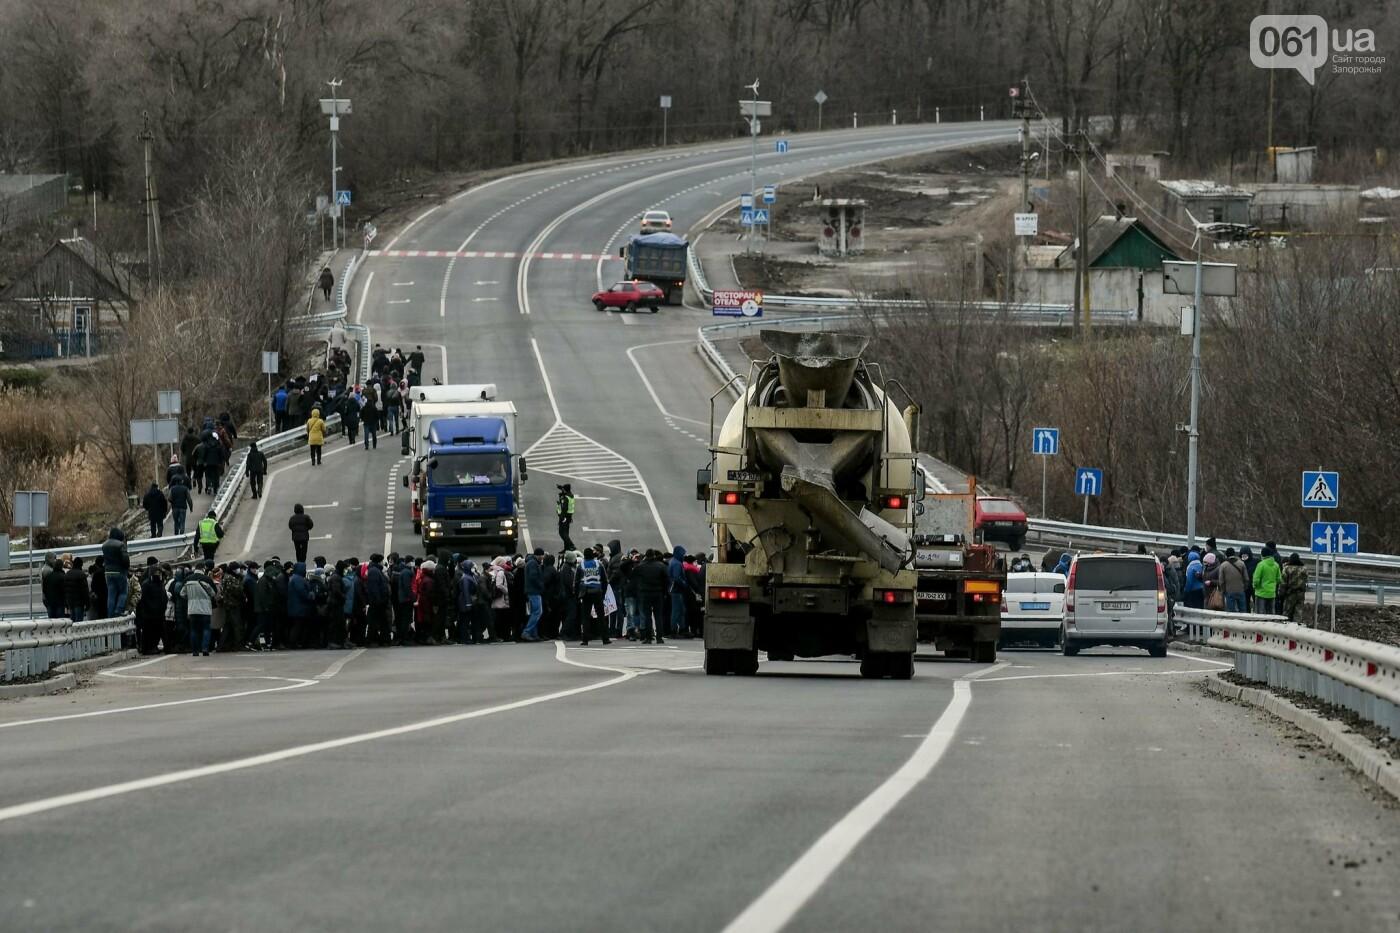 Жители Вольнянска перекрыли трассу и ждут губернатора, - ФОТО, ВИДЕО , фото-5